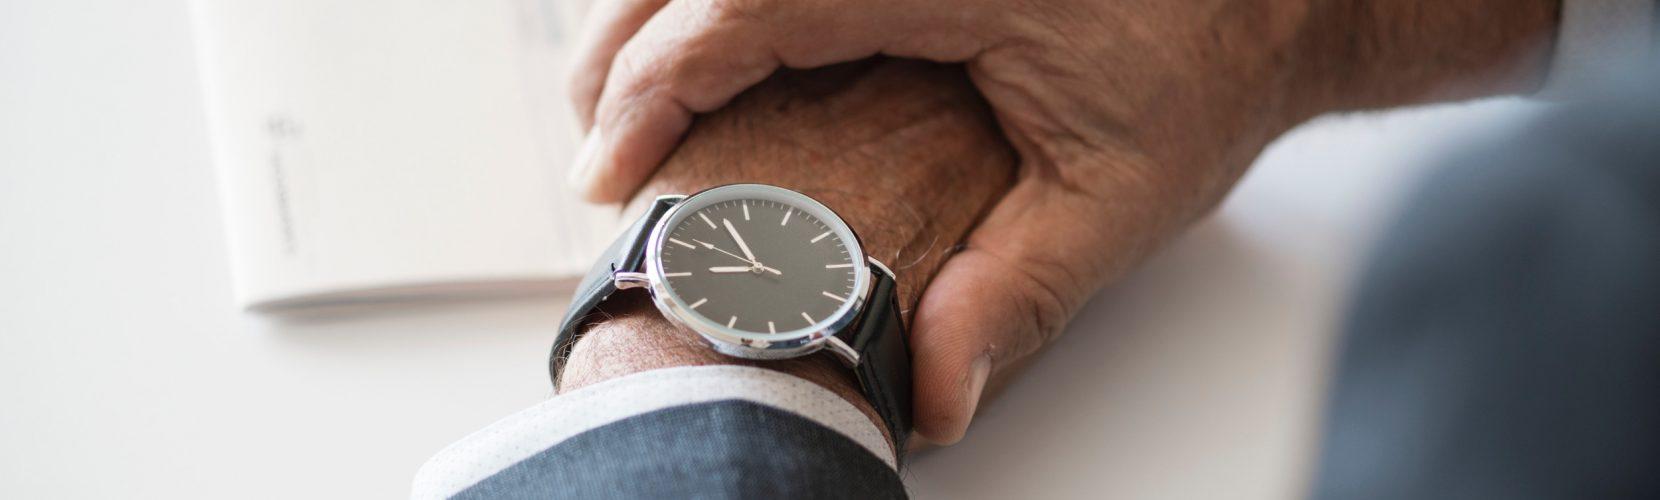 News, Tipps & Aktuelles: Was die neu beschlossene Arbeitszeit wirklich bringt